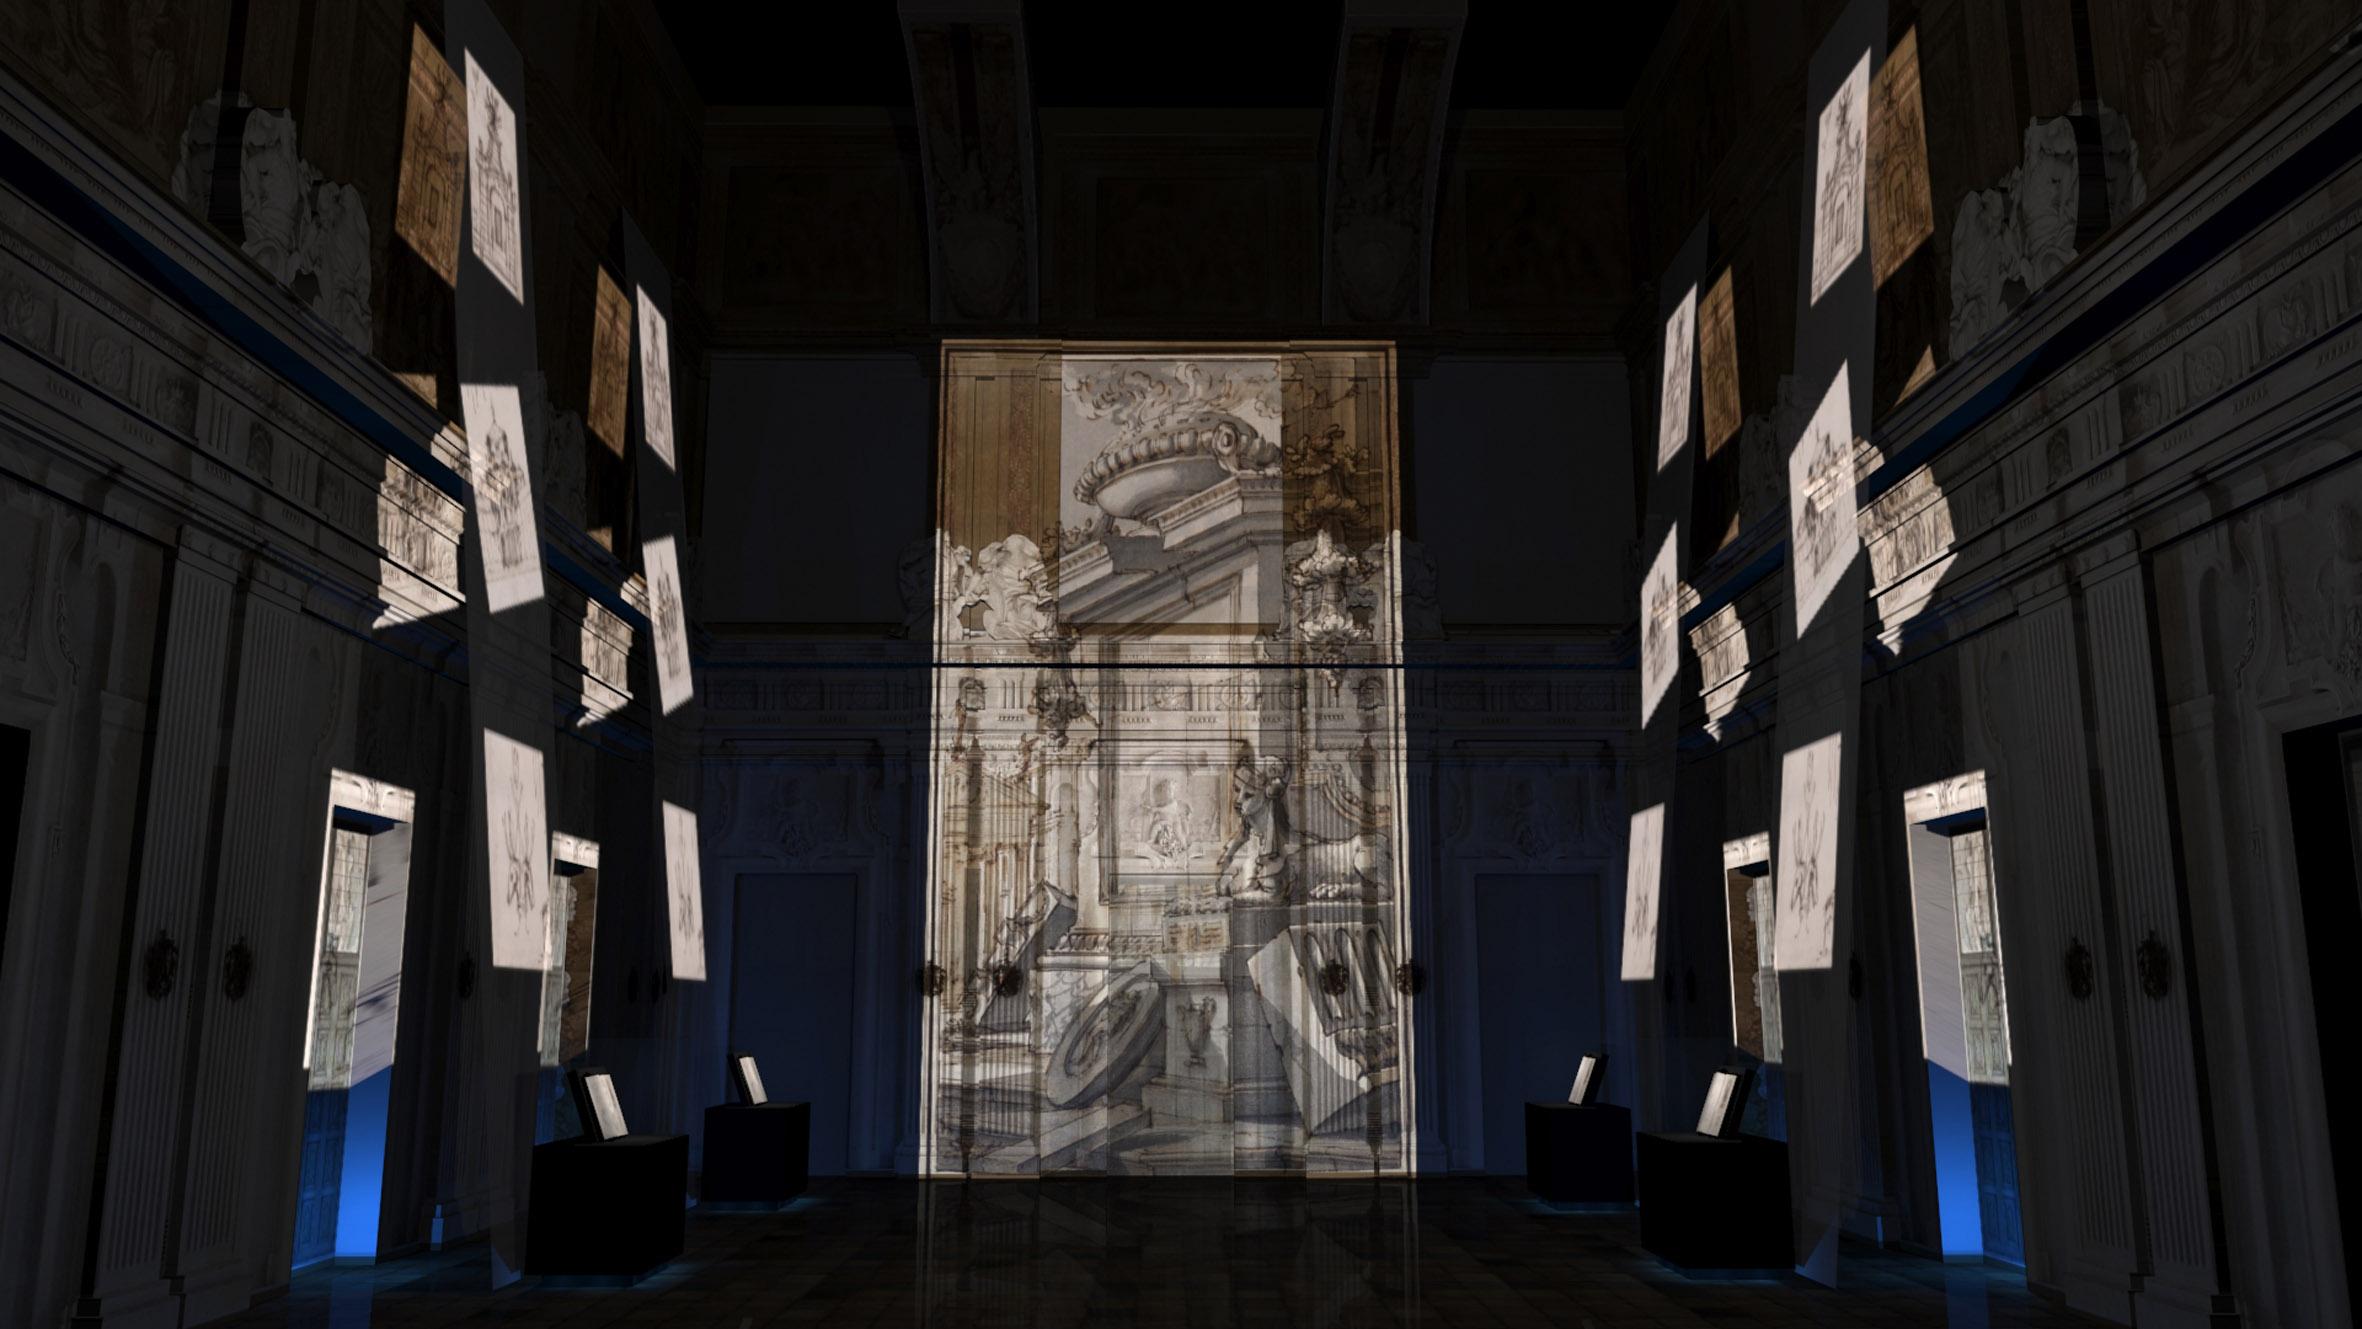 Filippo Juvarra, disegno, Mostra a Palazzo Madama, Torino